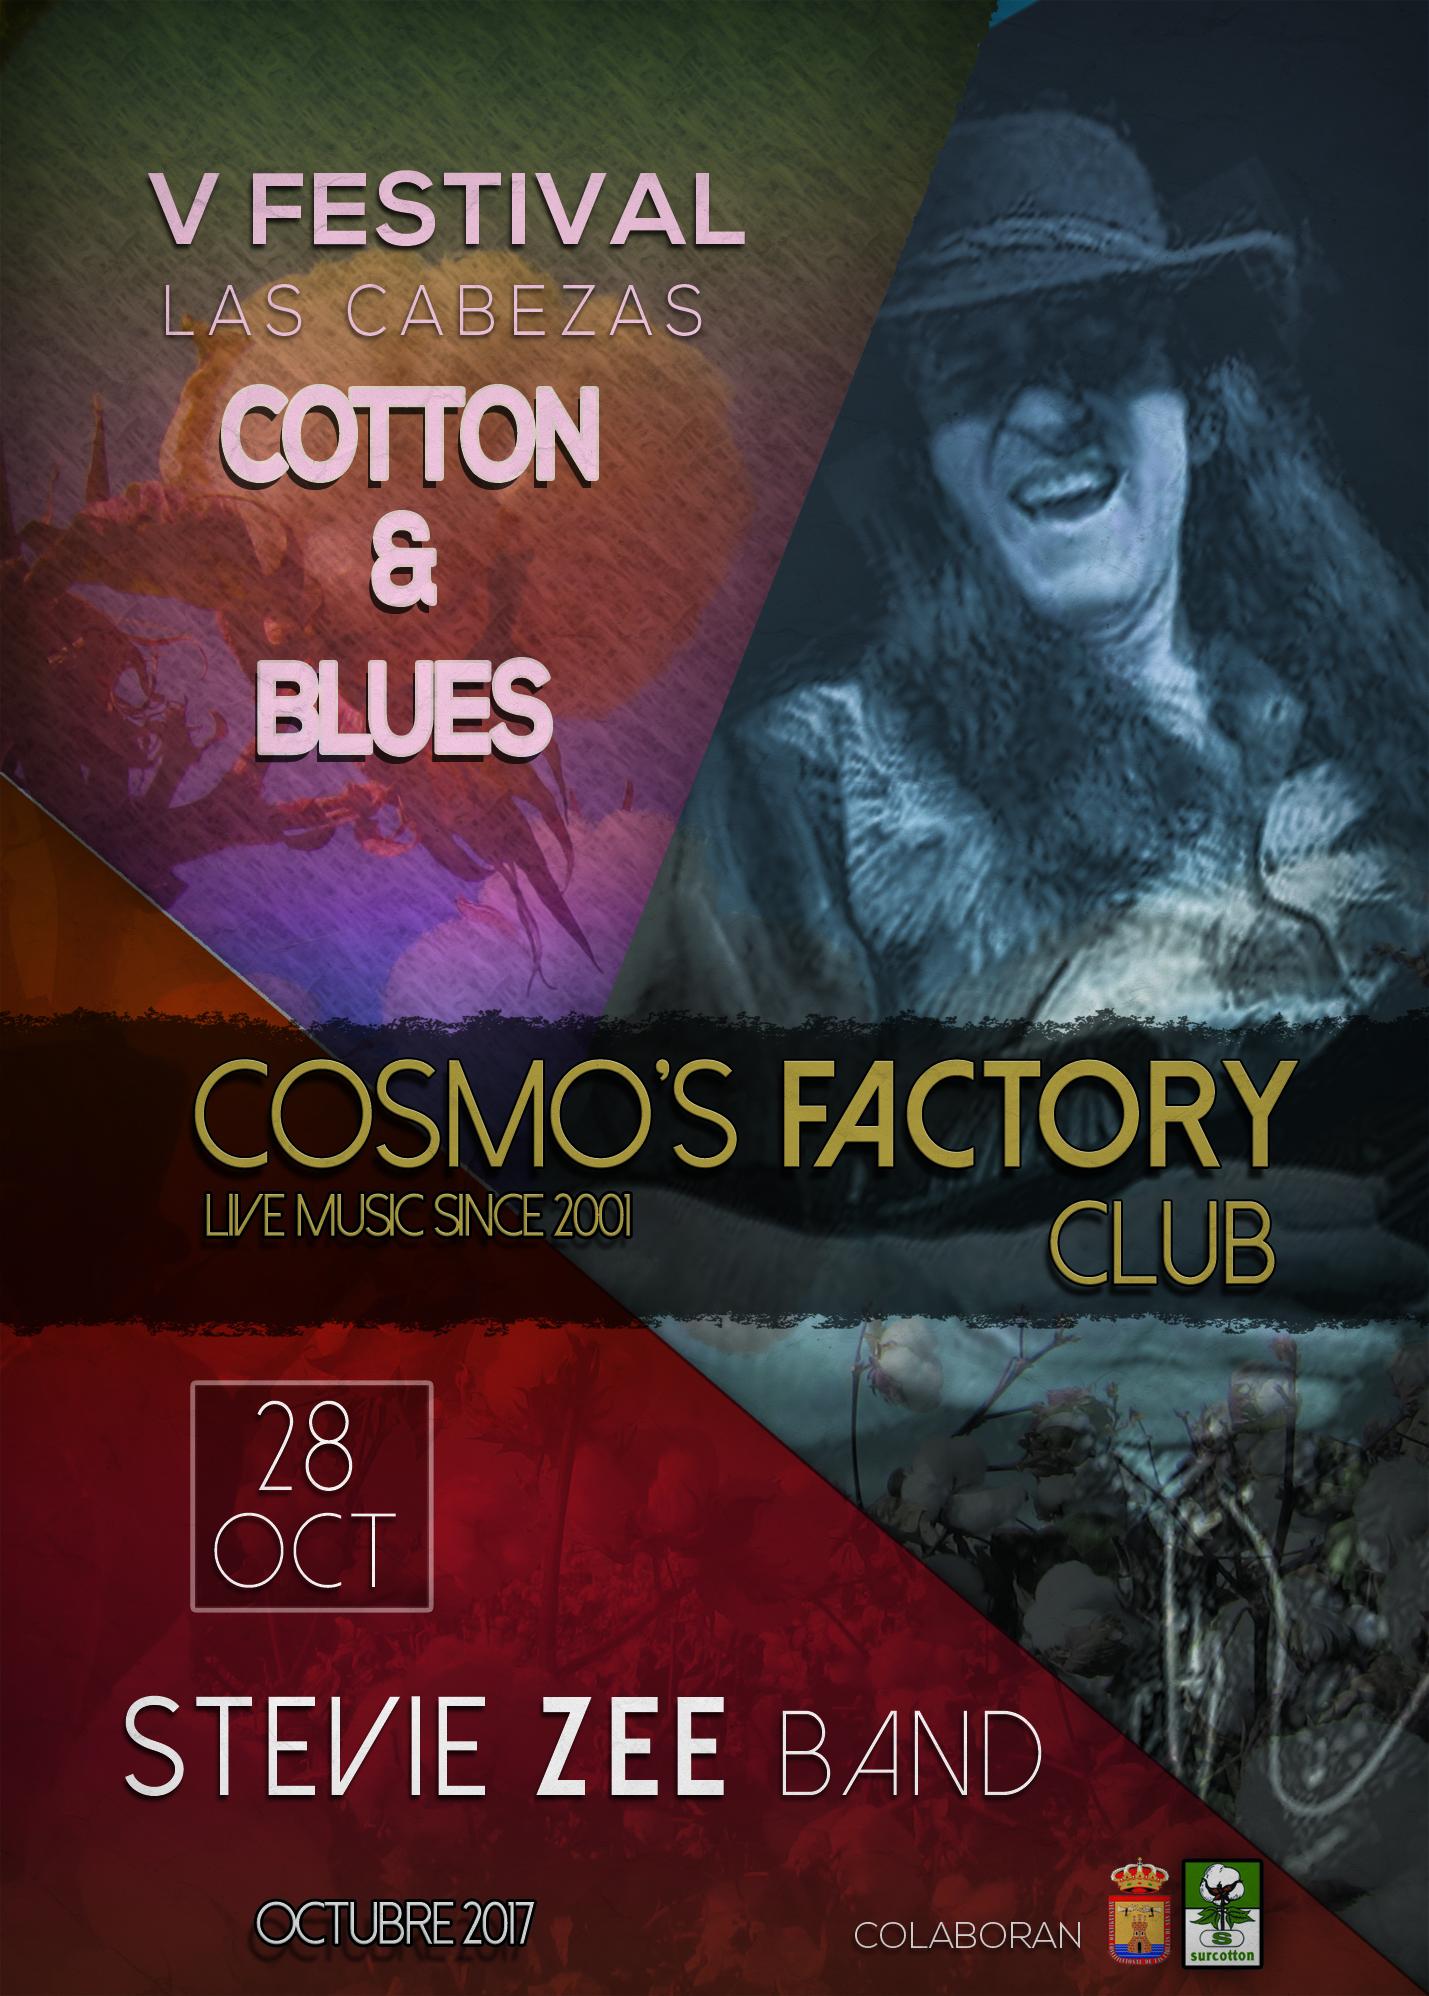 cotton & blues